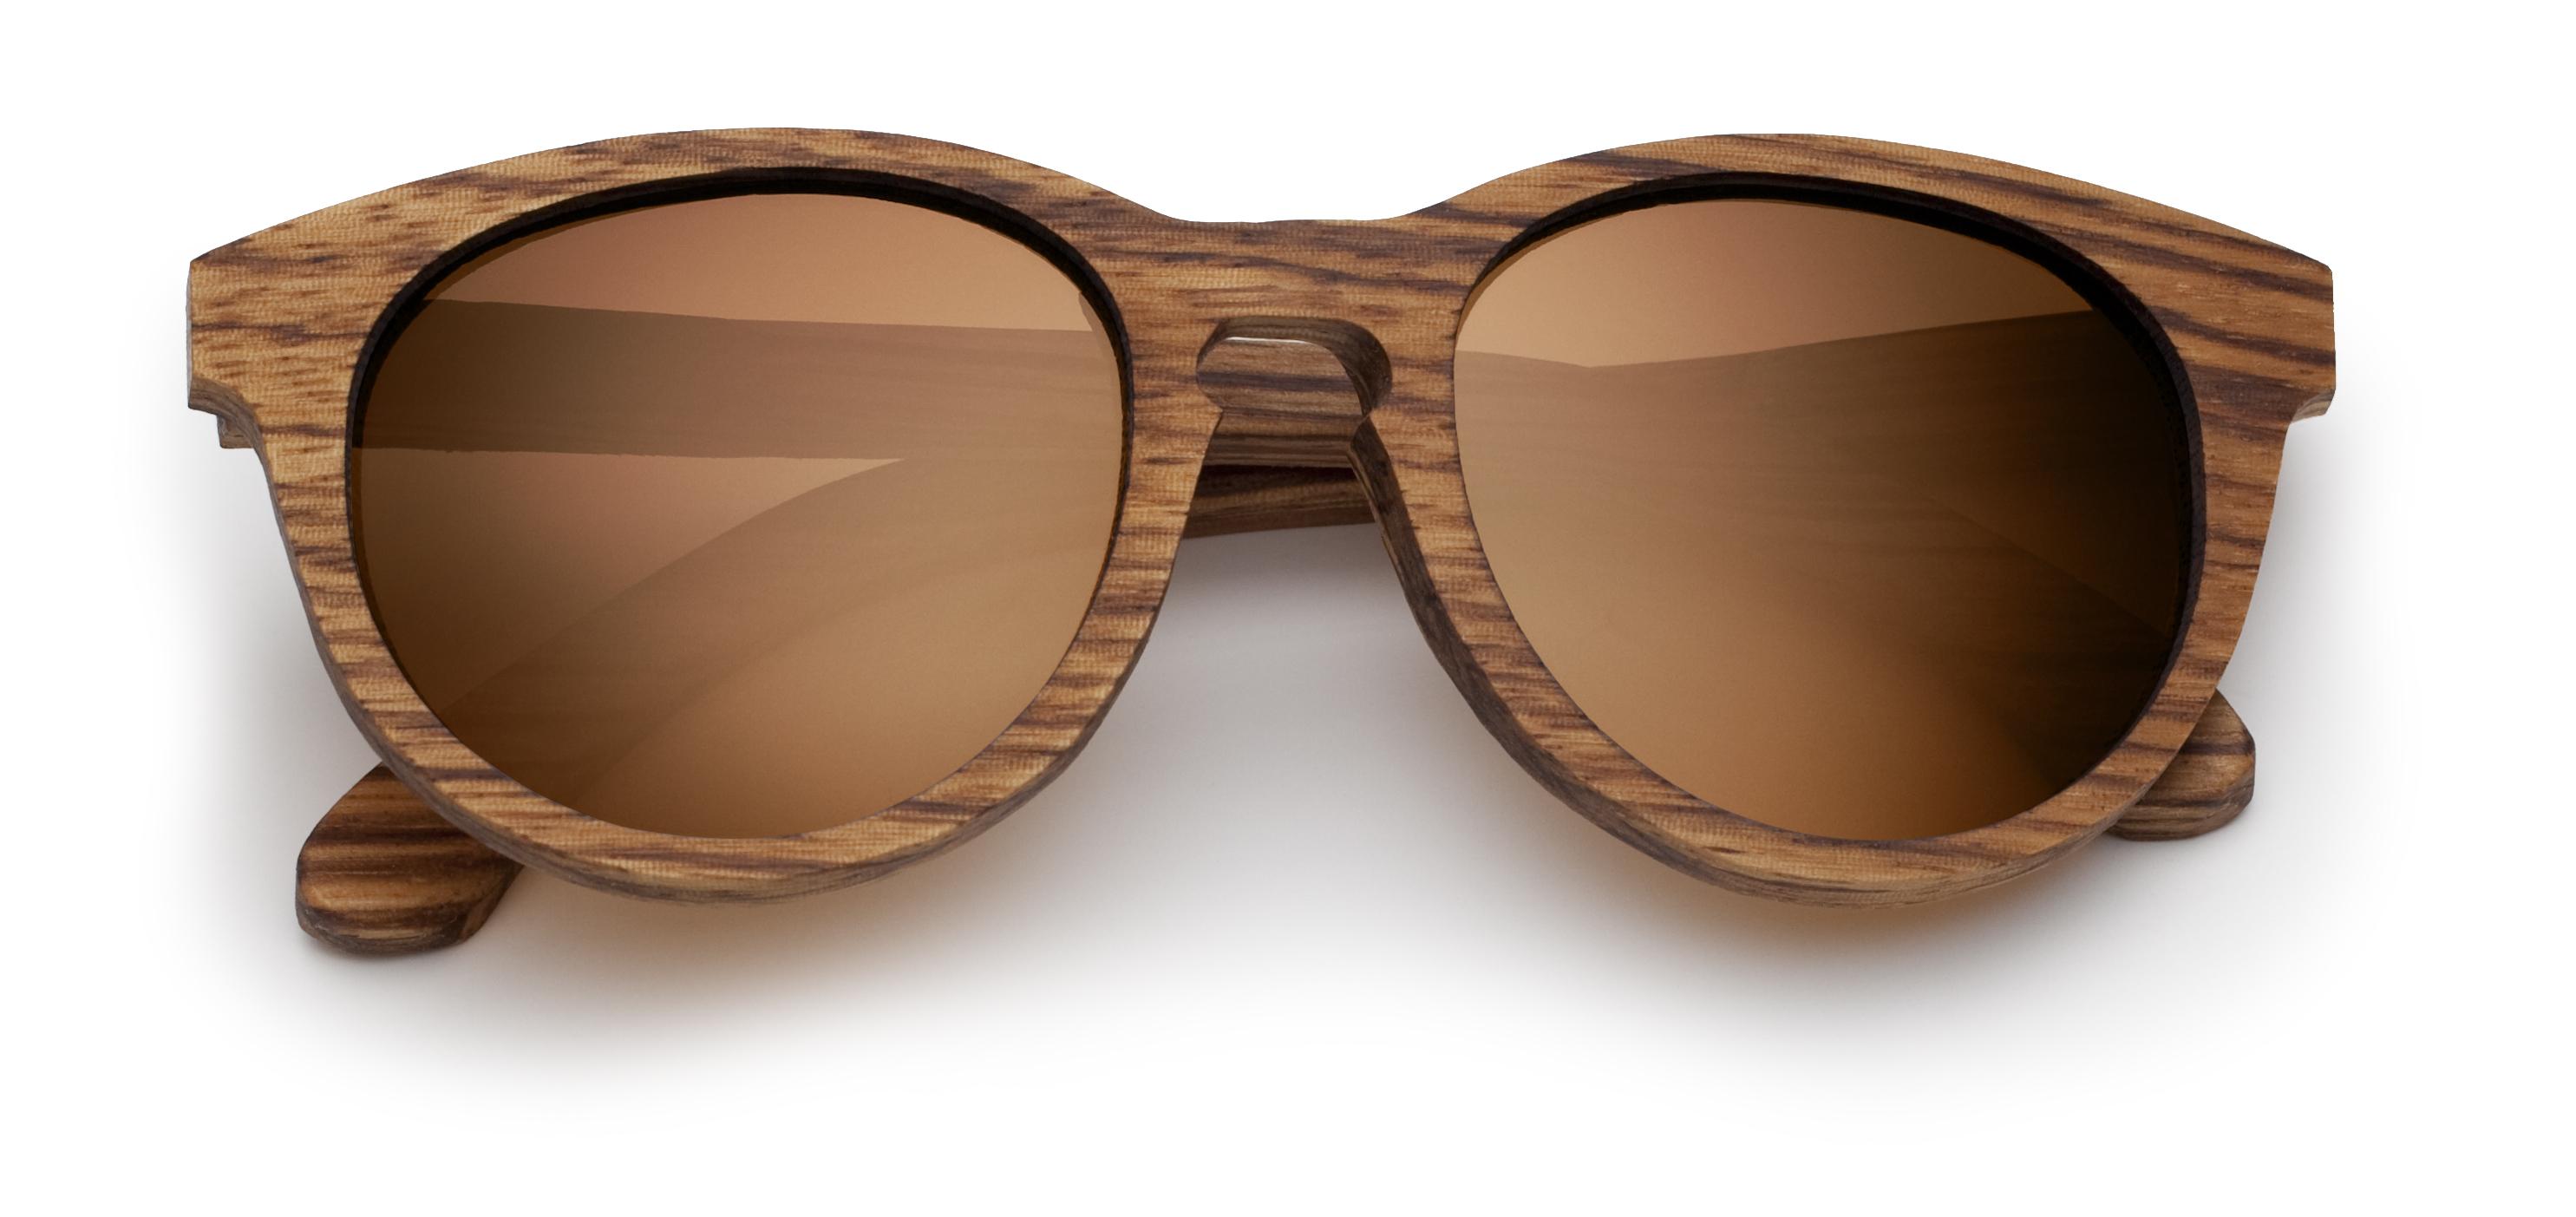 Montature per occhiali strane ed originali for Occhiali da sole montatura in legno